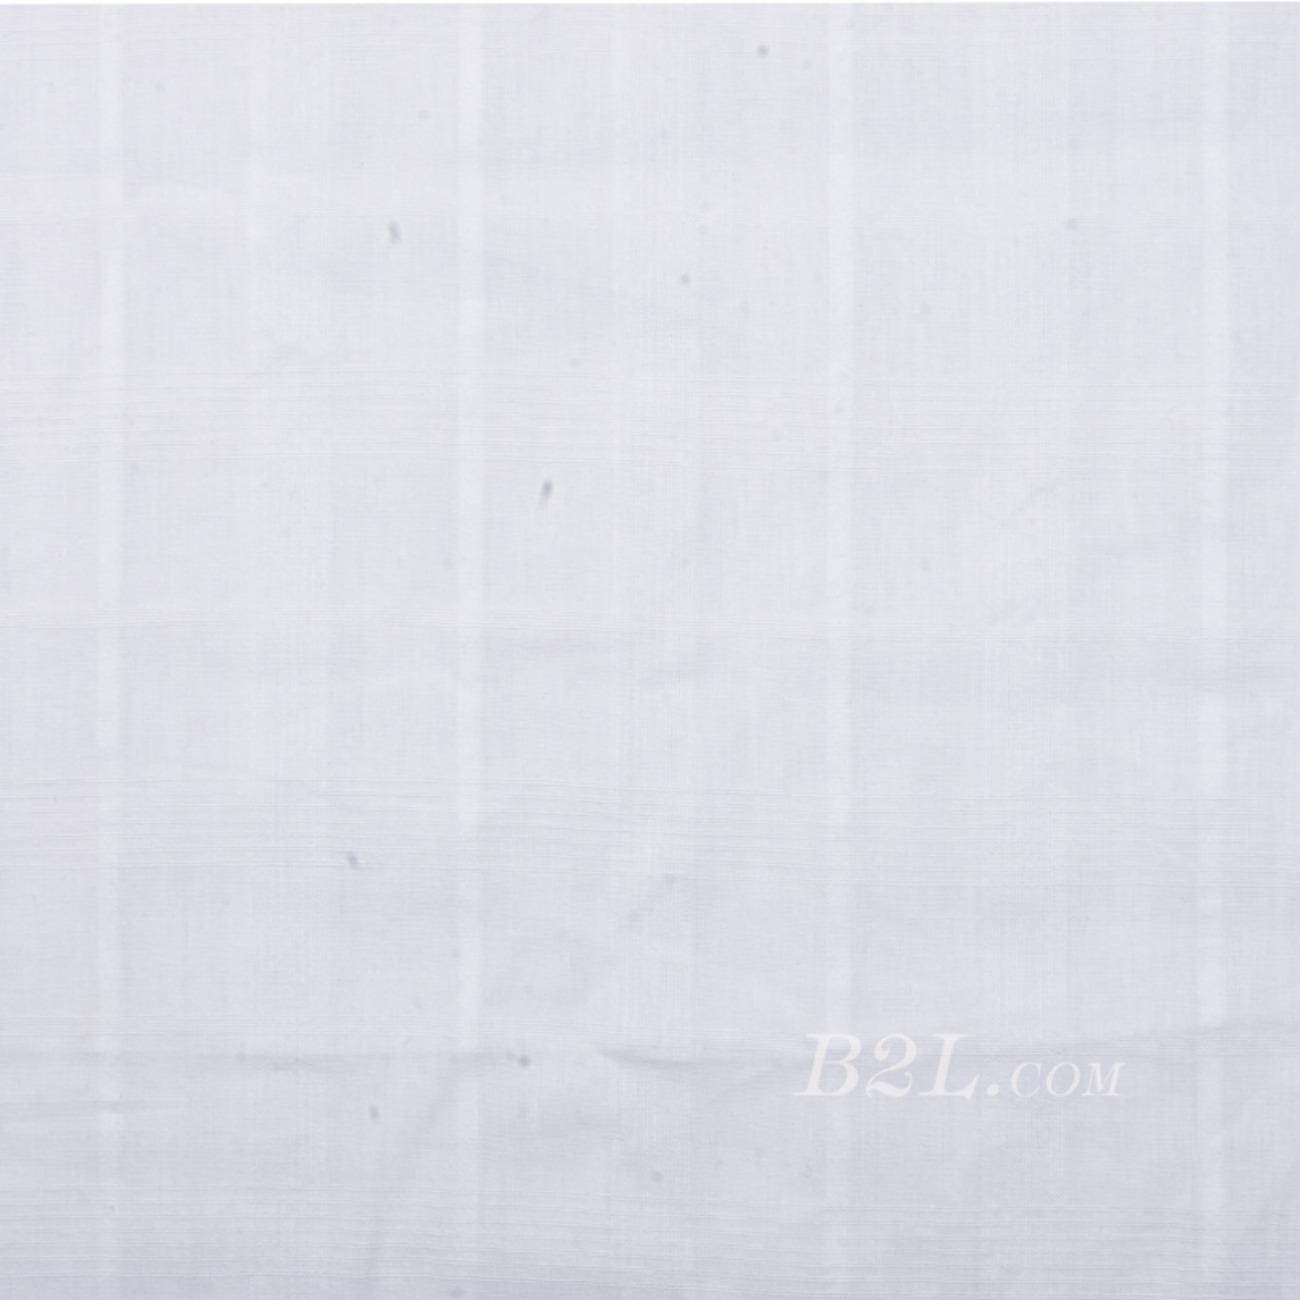 格子 梭织 染色 无弹 春夏 外套 防晒服 衬衫 91017-7